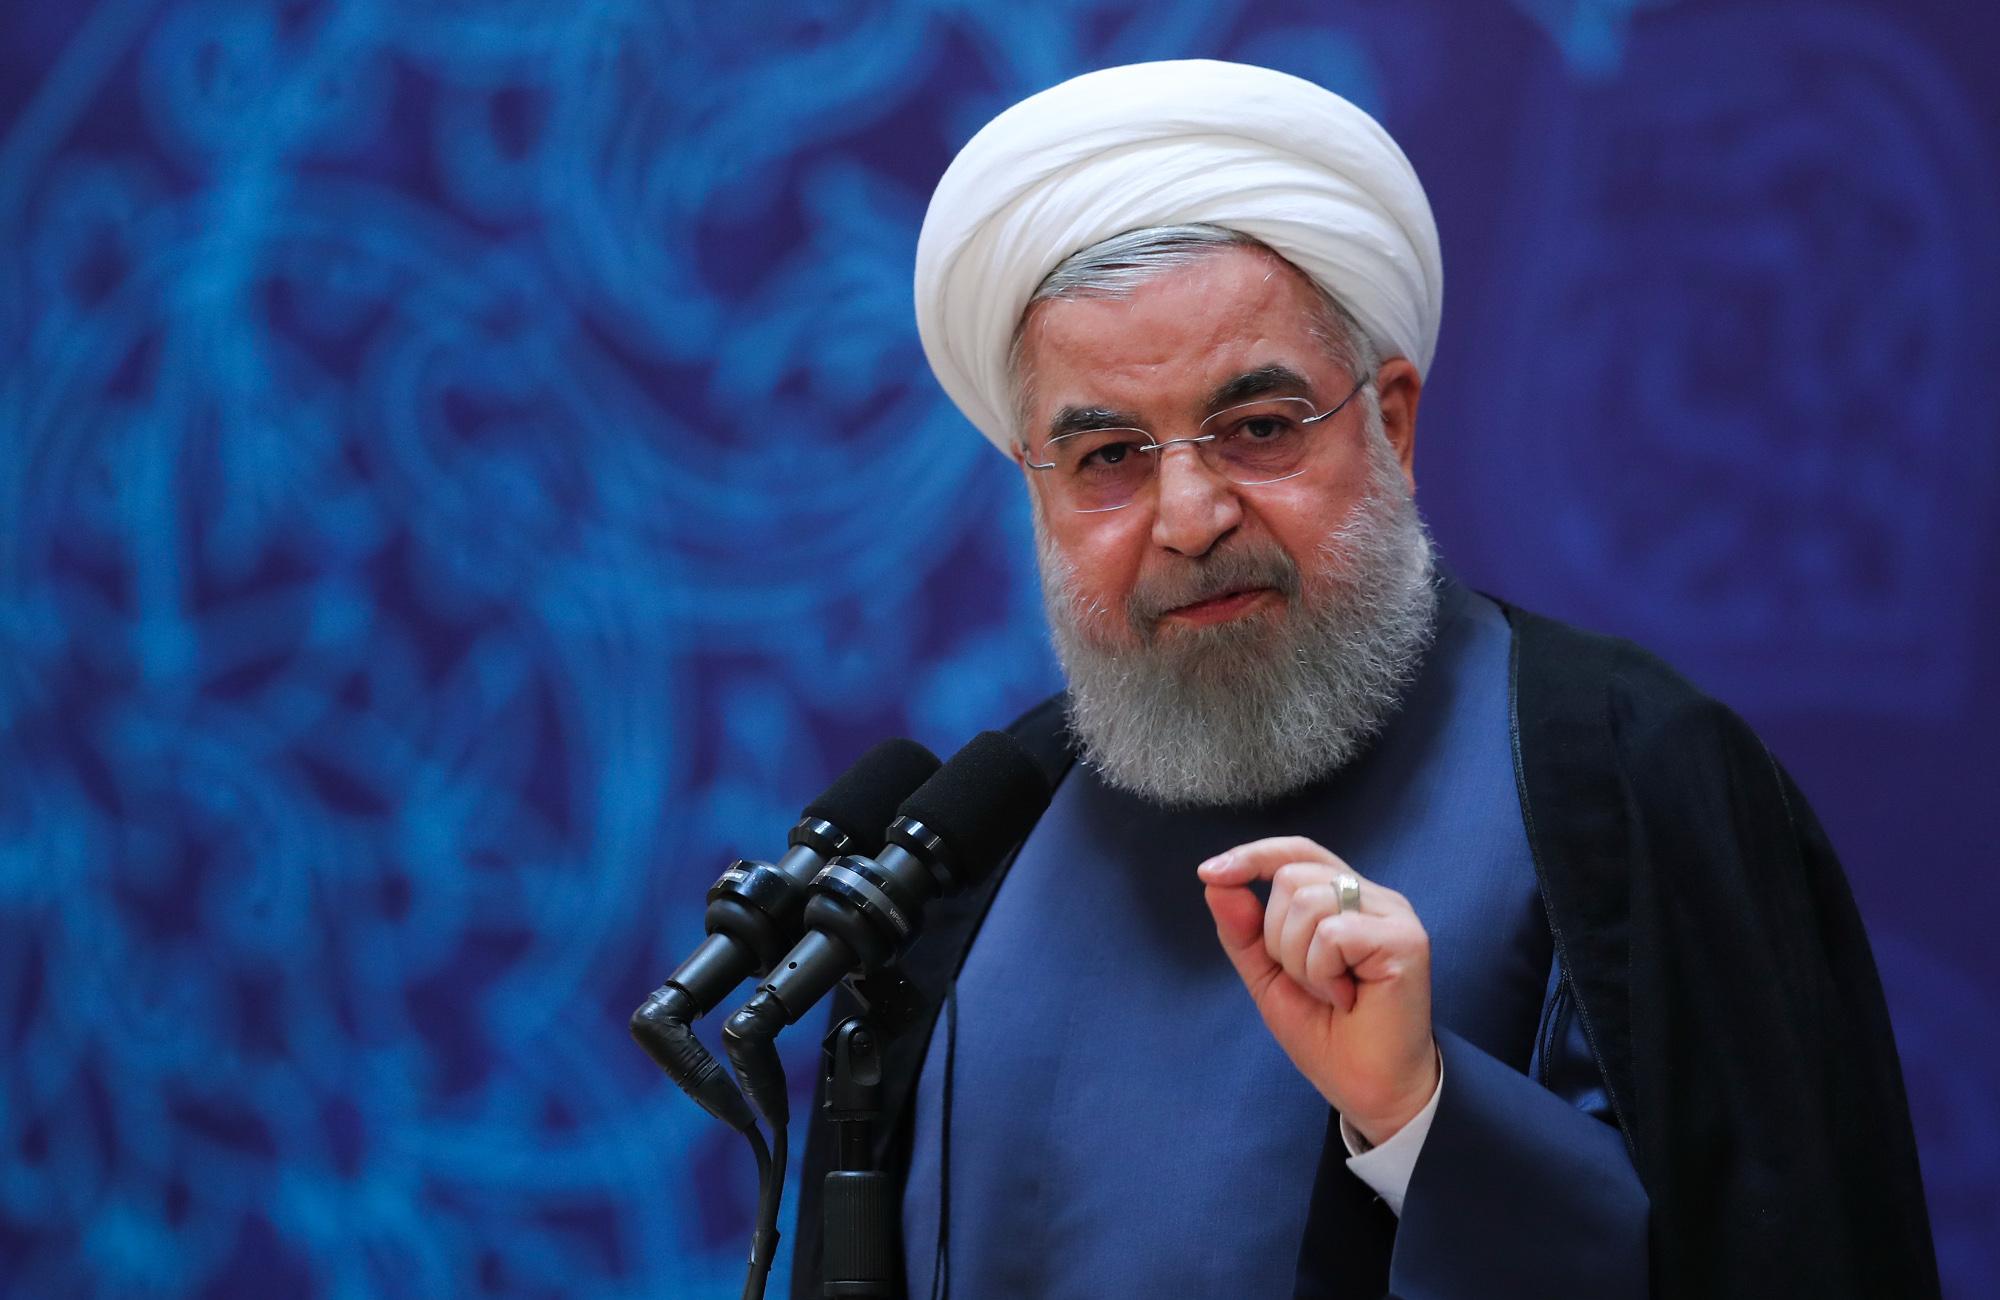 سخنران ۲۲ بهمن ۹۷ تهران چه کسی است؟